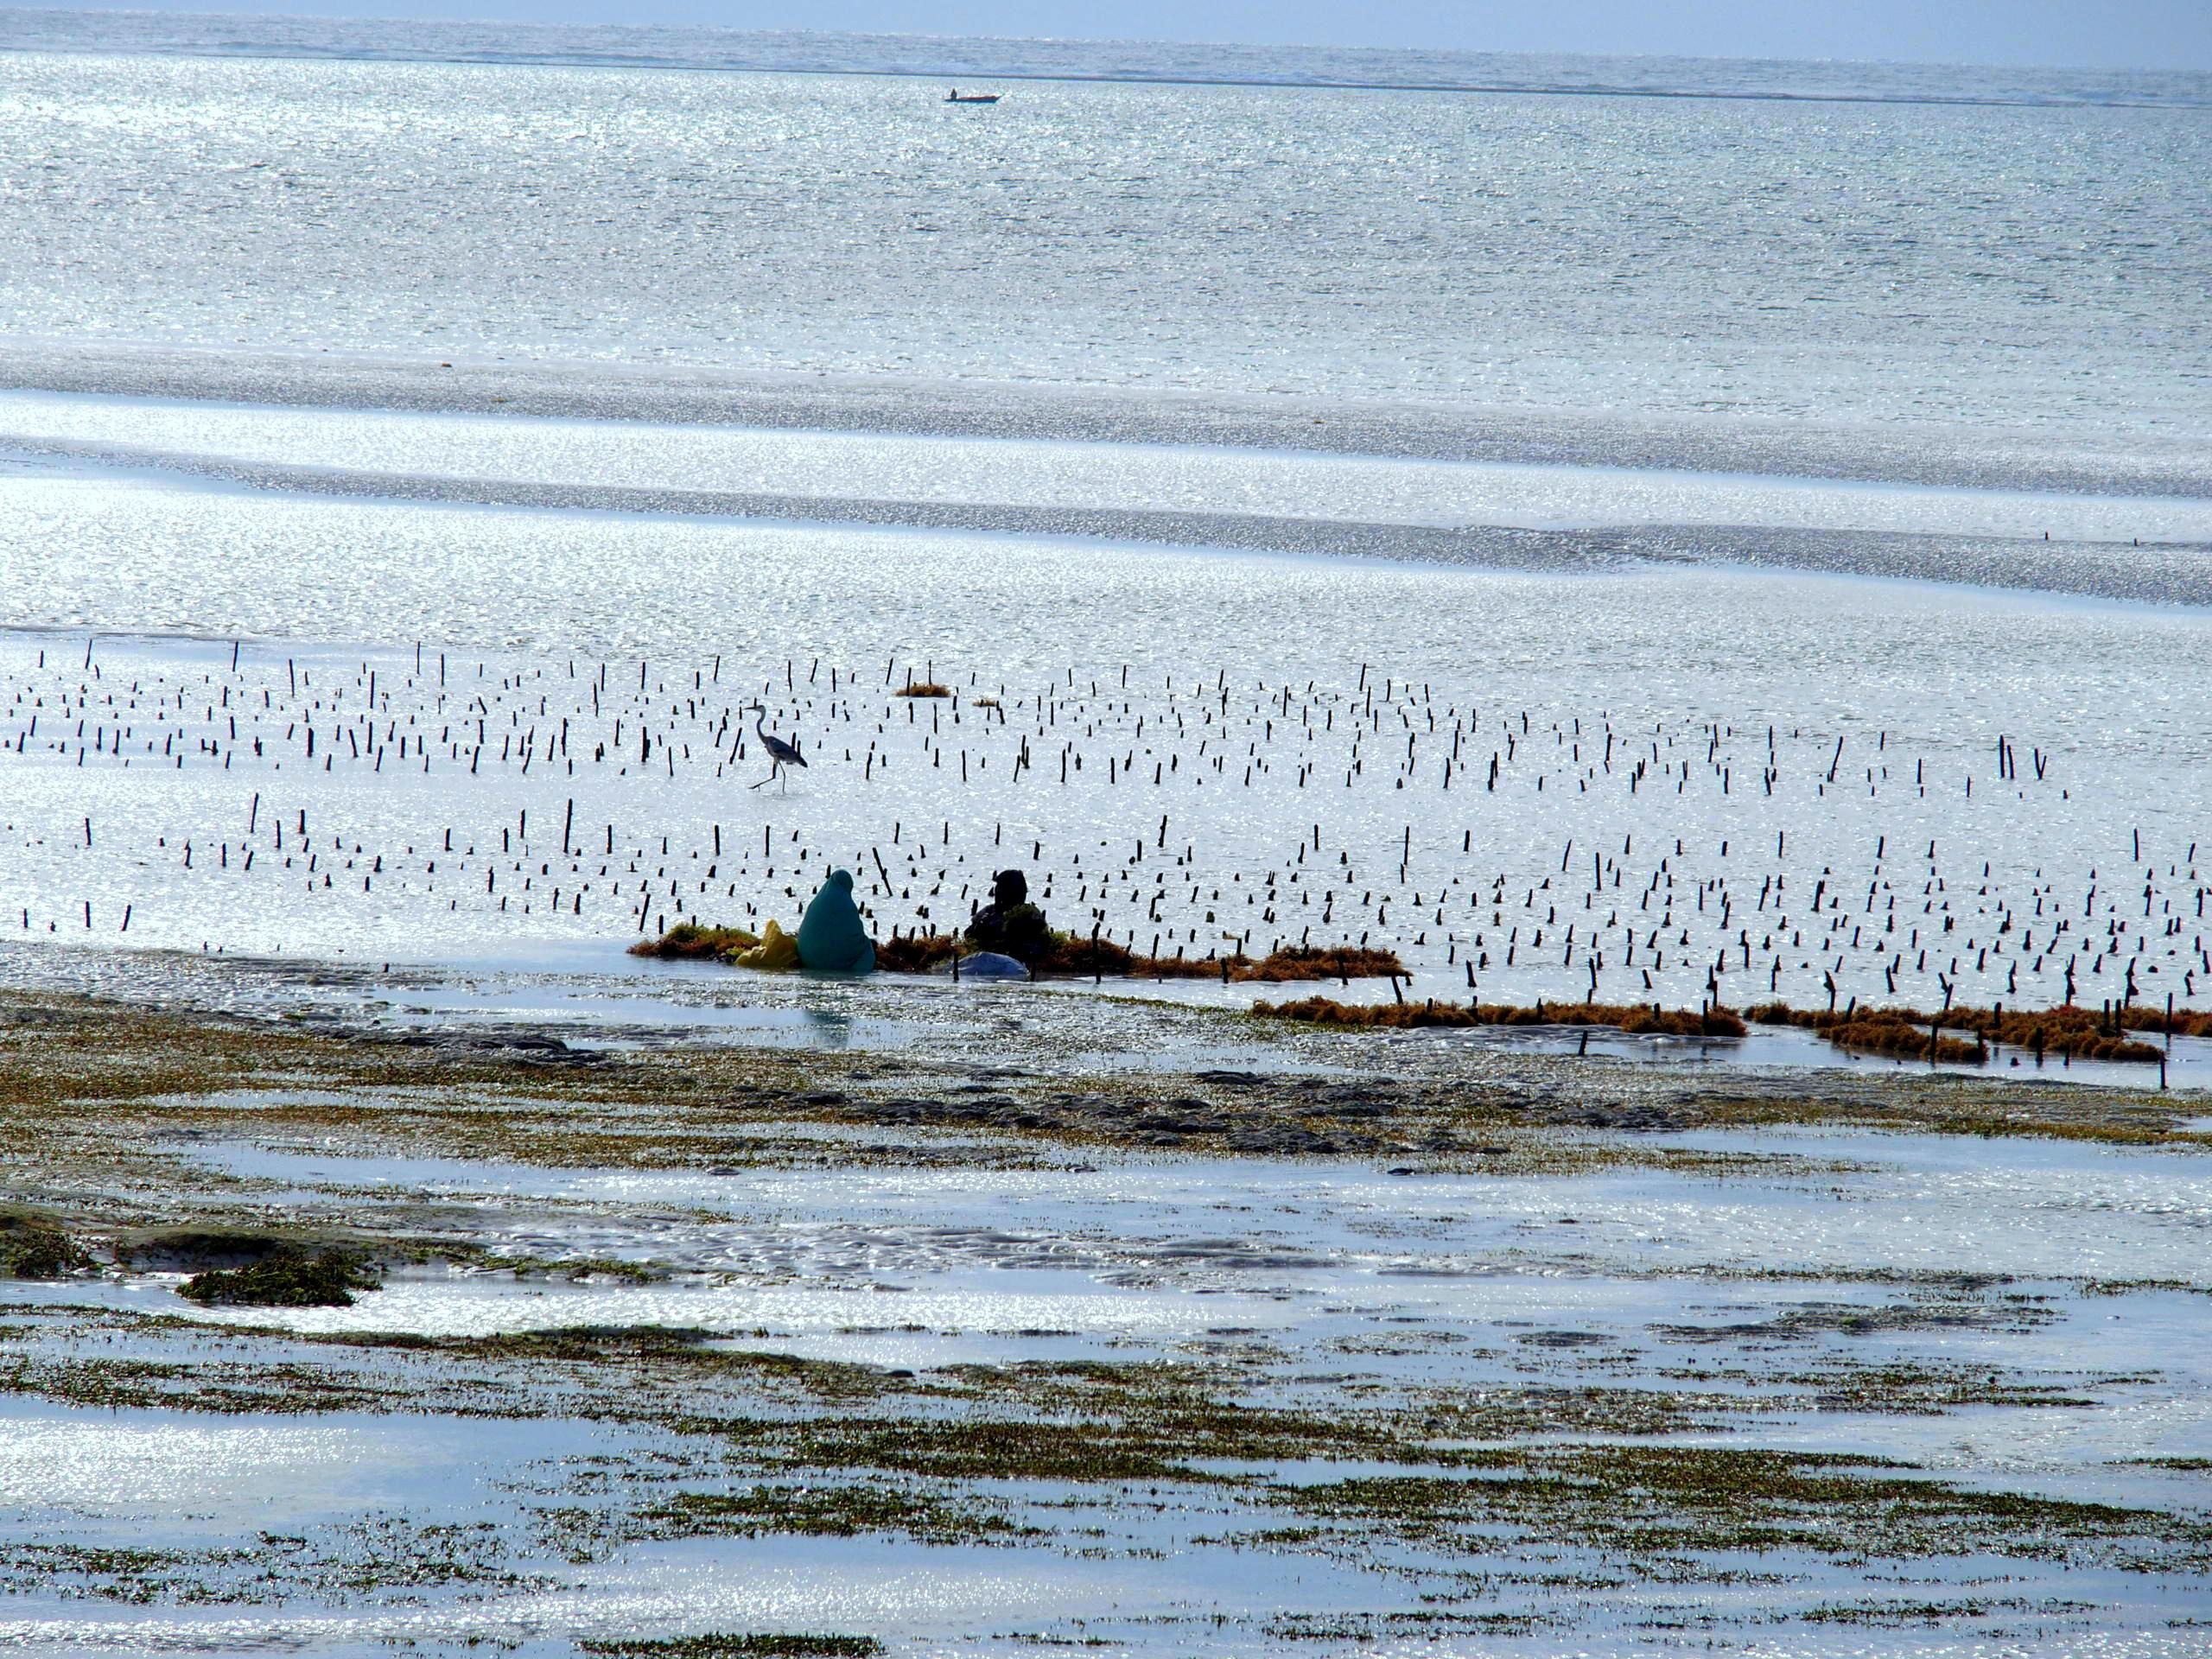 Travail des femmes entre les algues et les hérons Pongwe Zanzibar